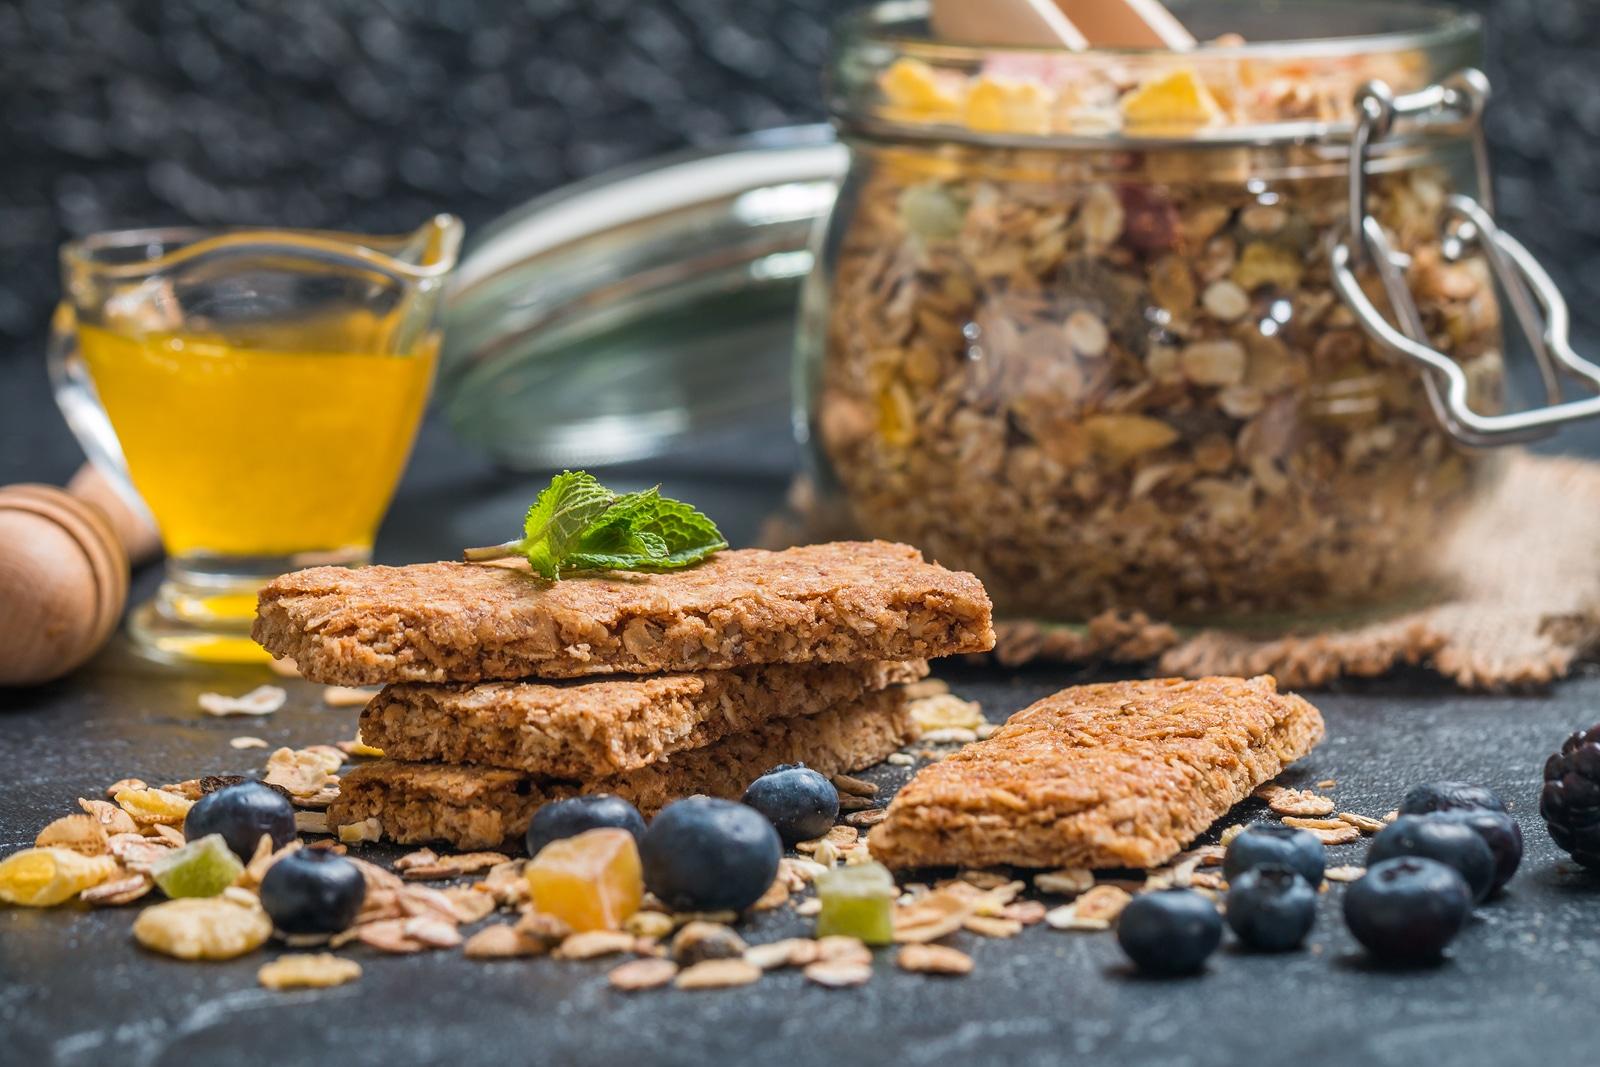 ¿Cómo preparar granola saludable?